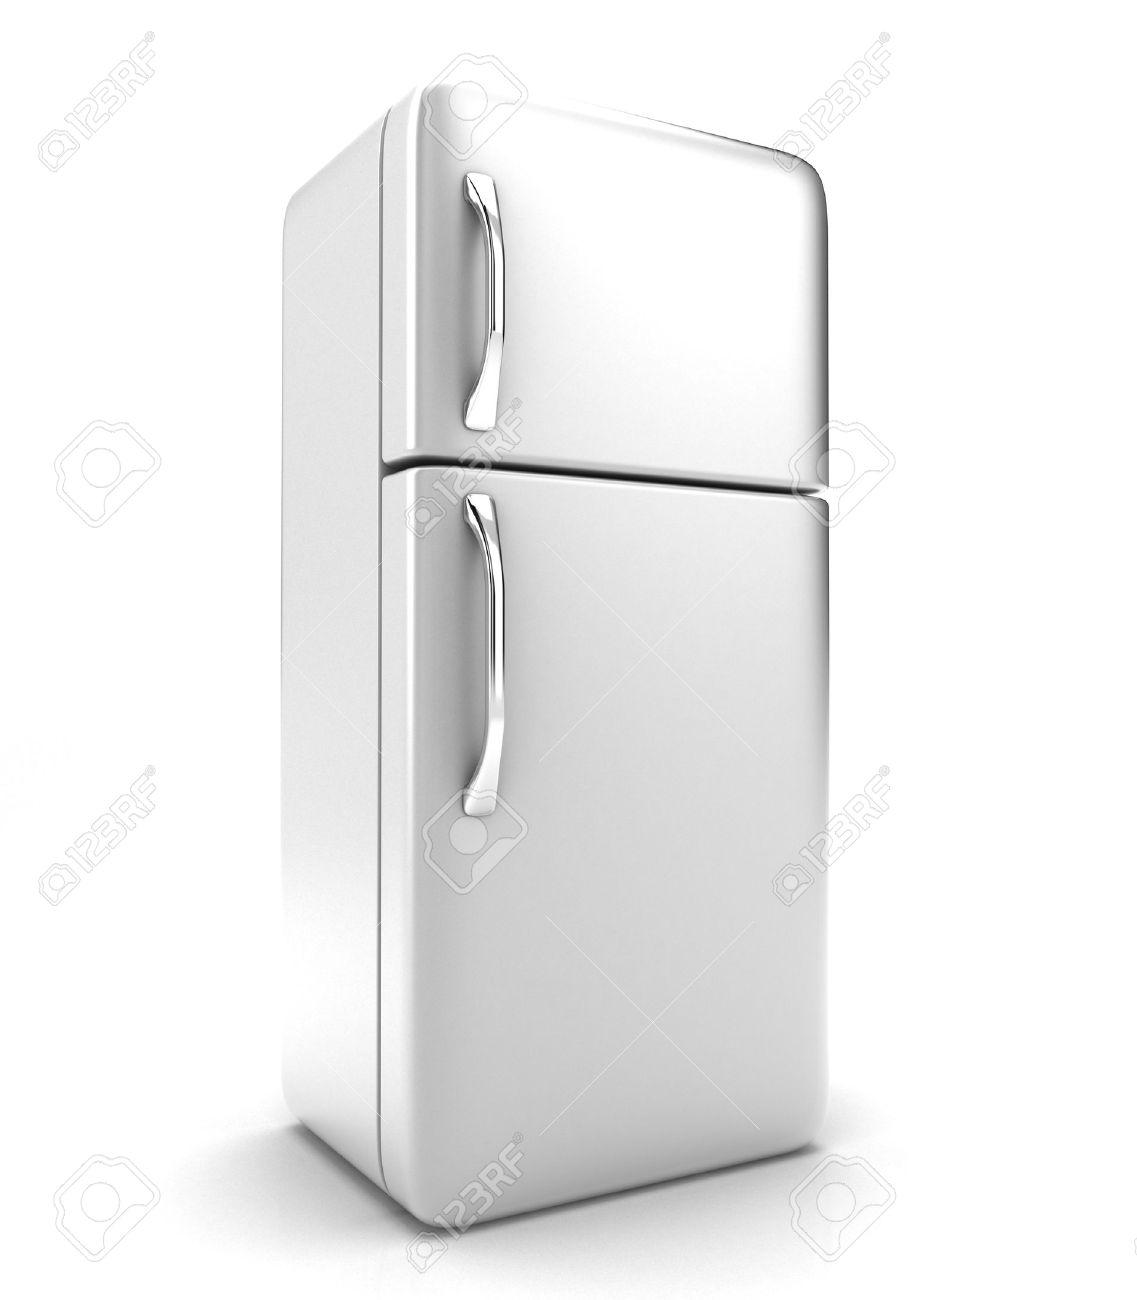 Atemberaubend Retro Mini Kühlschrank Fotos - Schlafzimmer Ideen ...